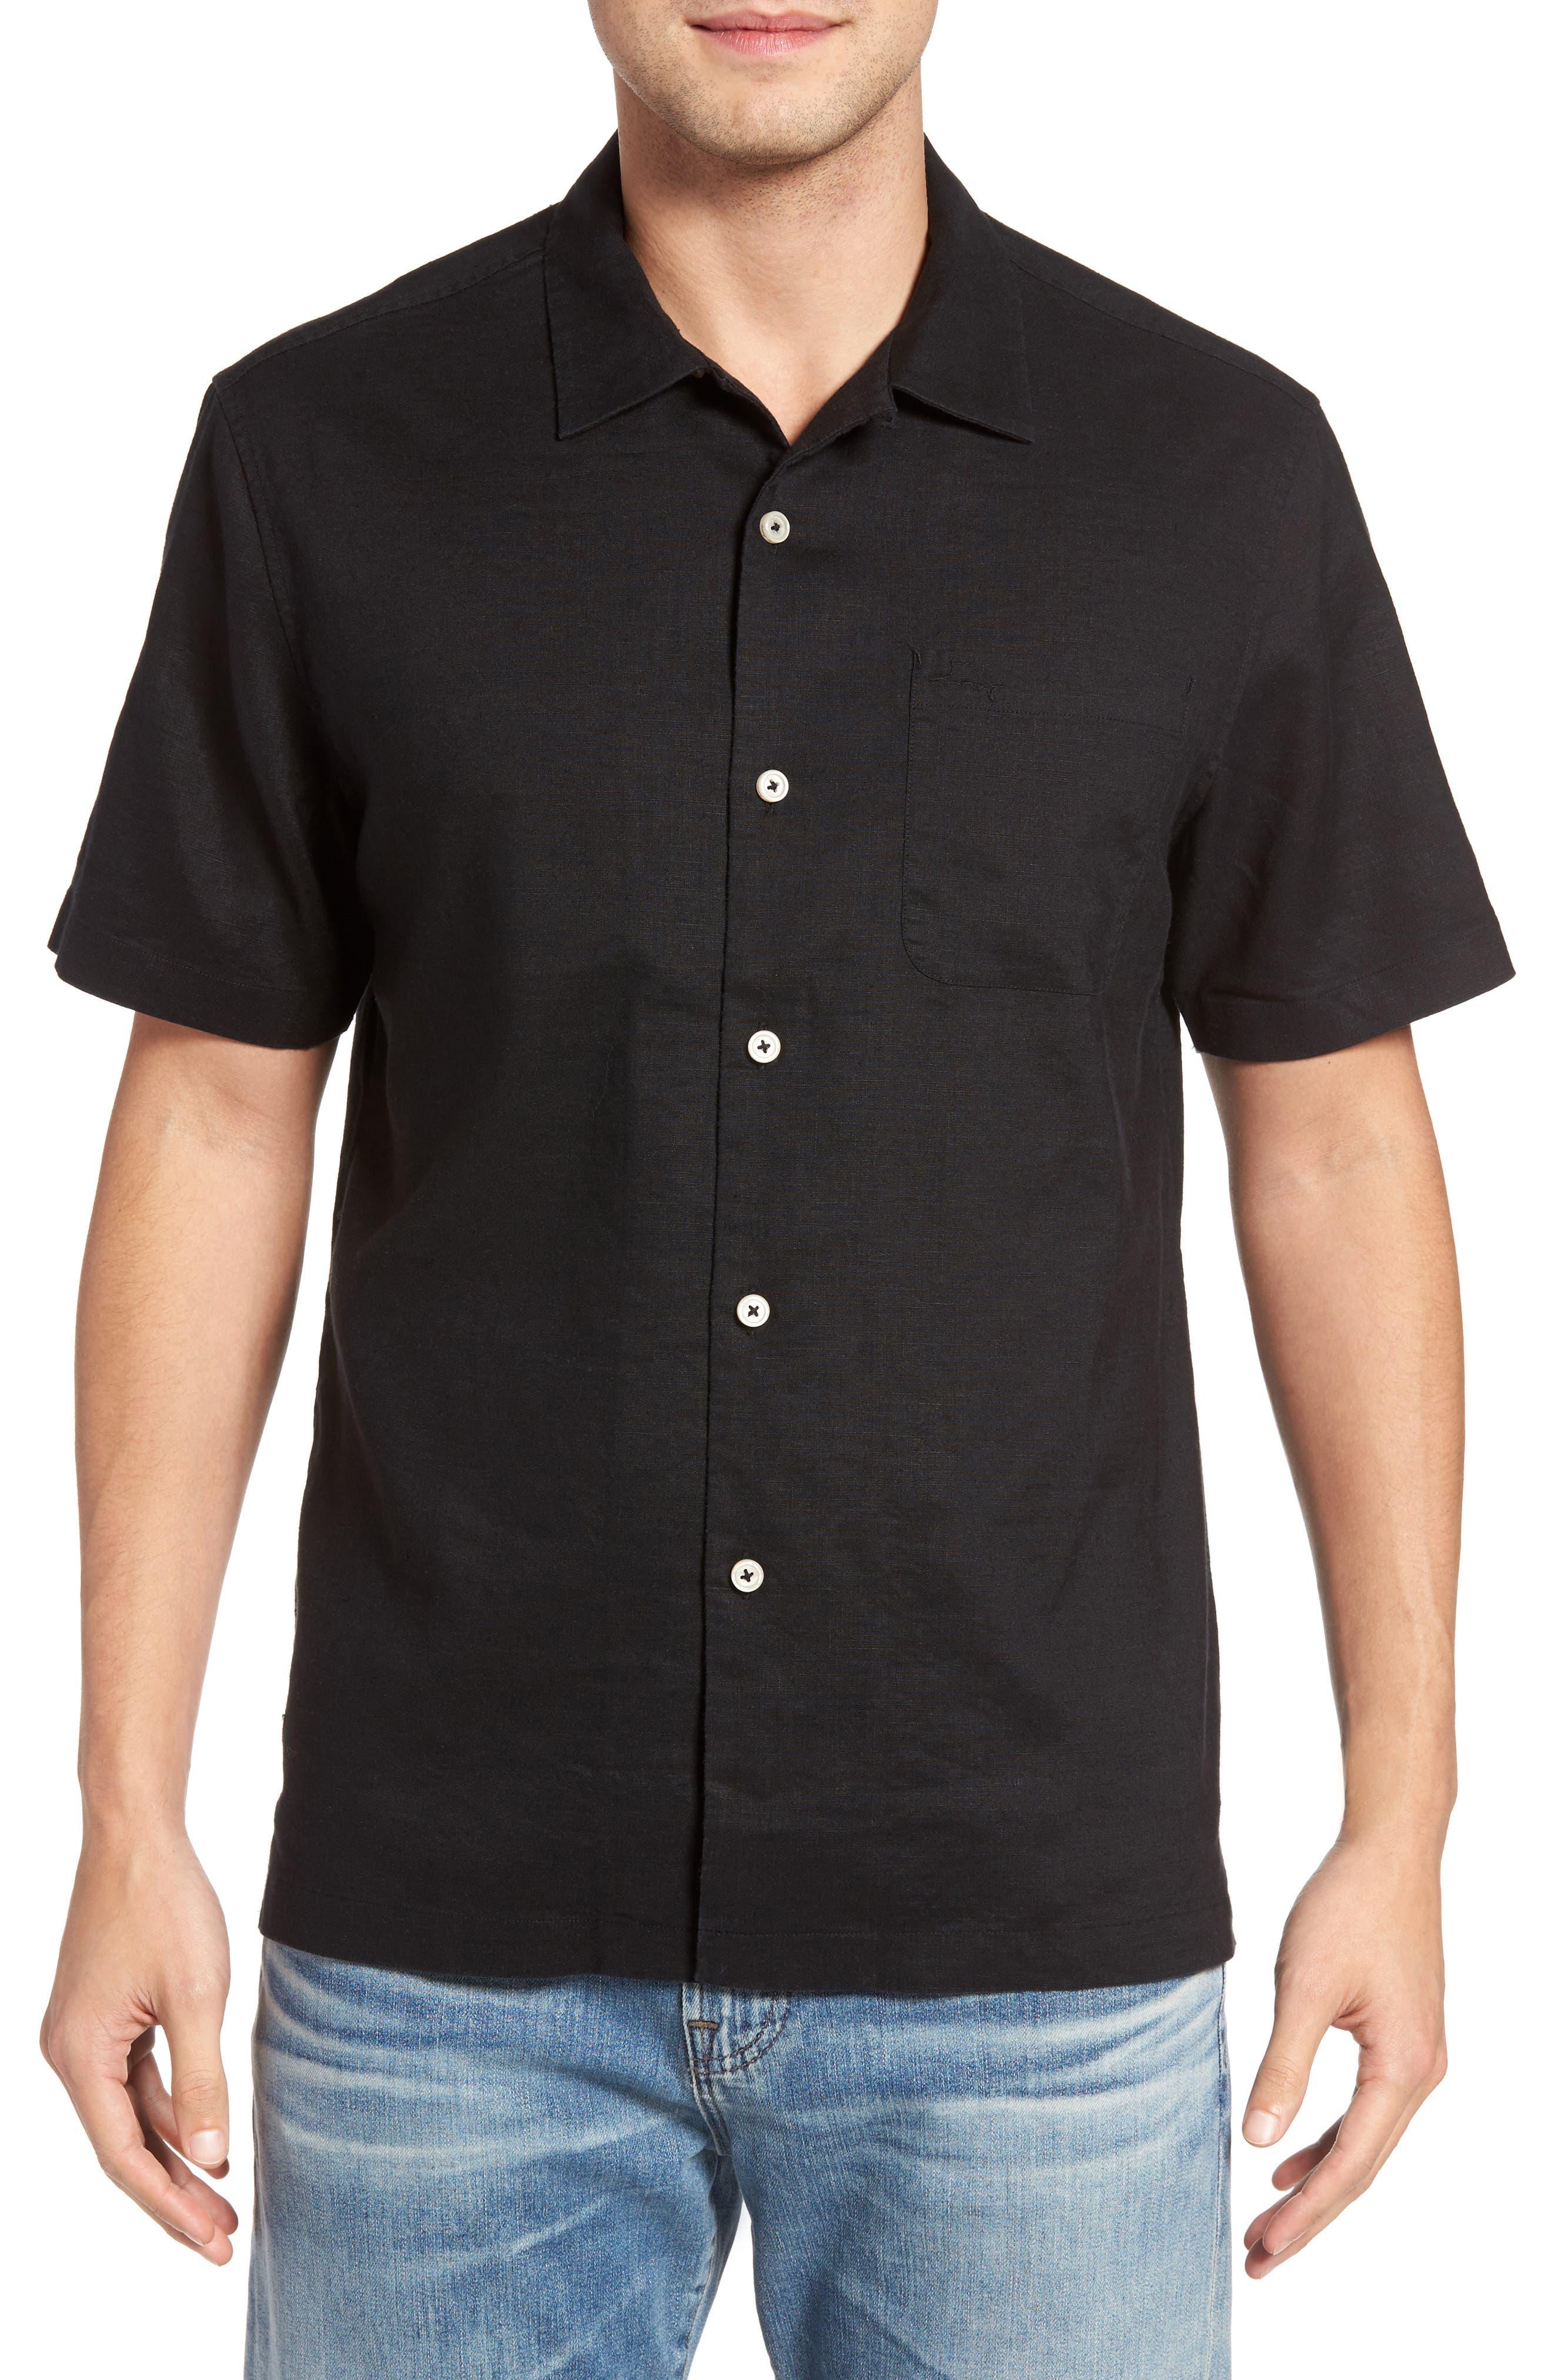 Monaco Tides Linen Blend Camp Shirt,                         Main,                         color, Black